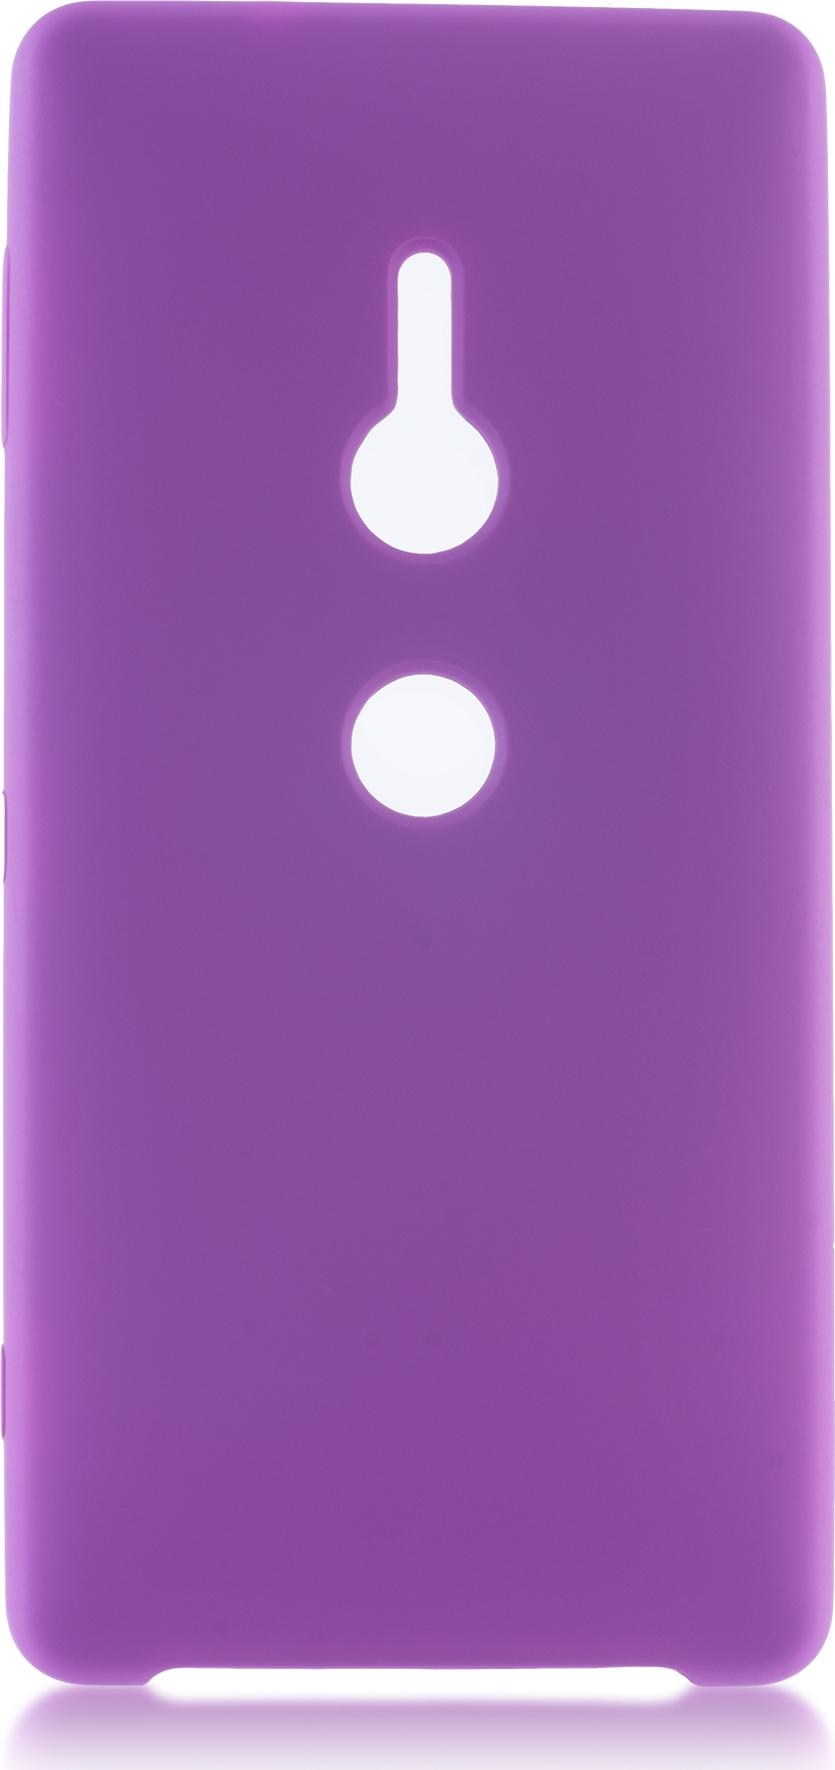 Чехол Brosco Softrubber для Sony Xperia XZ2, фиолетовый wierss розовый для sony xz2